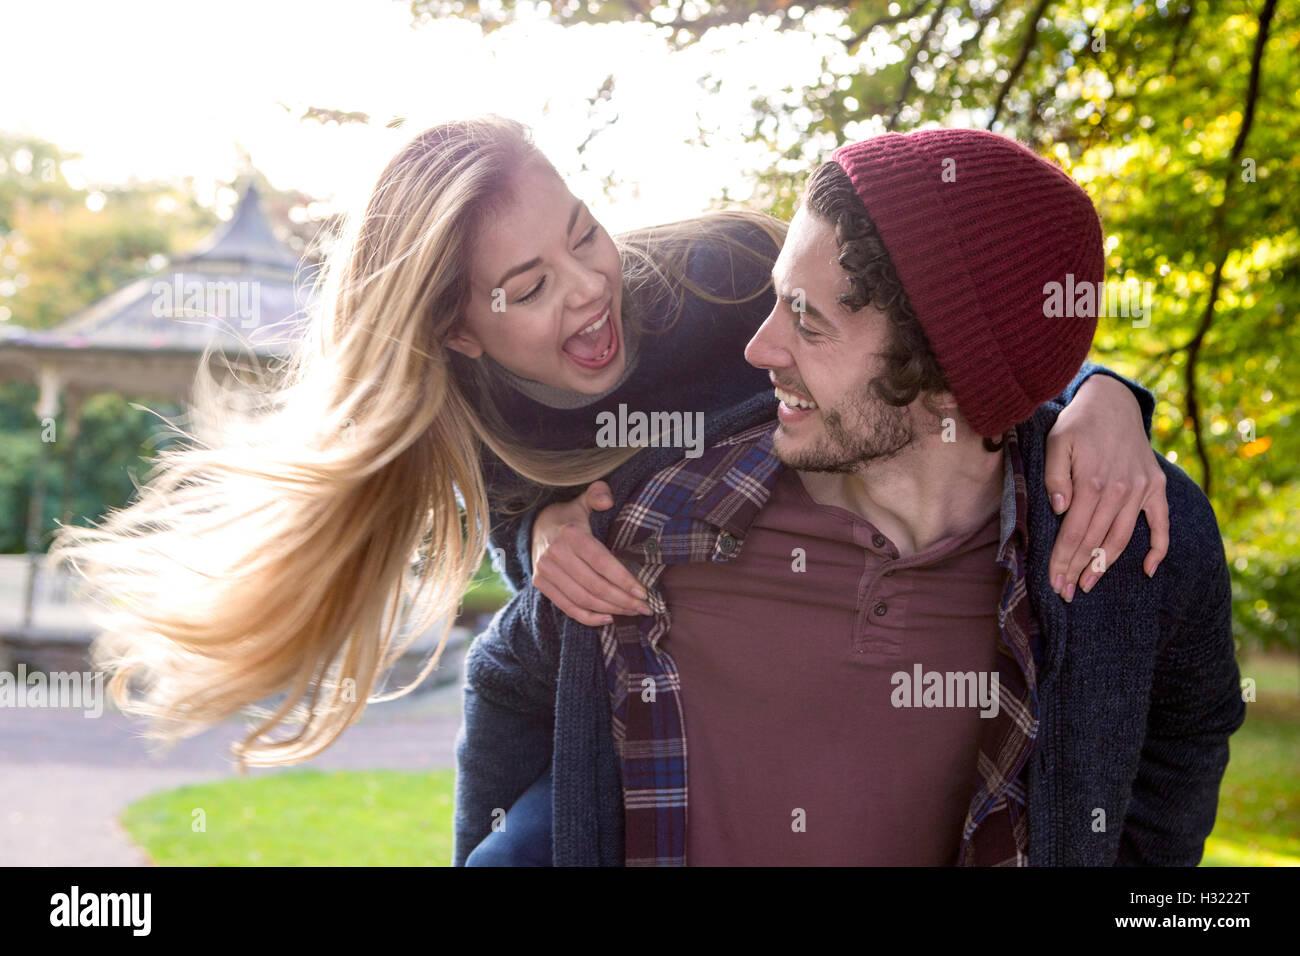 Pareja joven divirtiéndonos juntos al aire libre. El mans novia es saltar sobre su espalda. Imagen De Stock